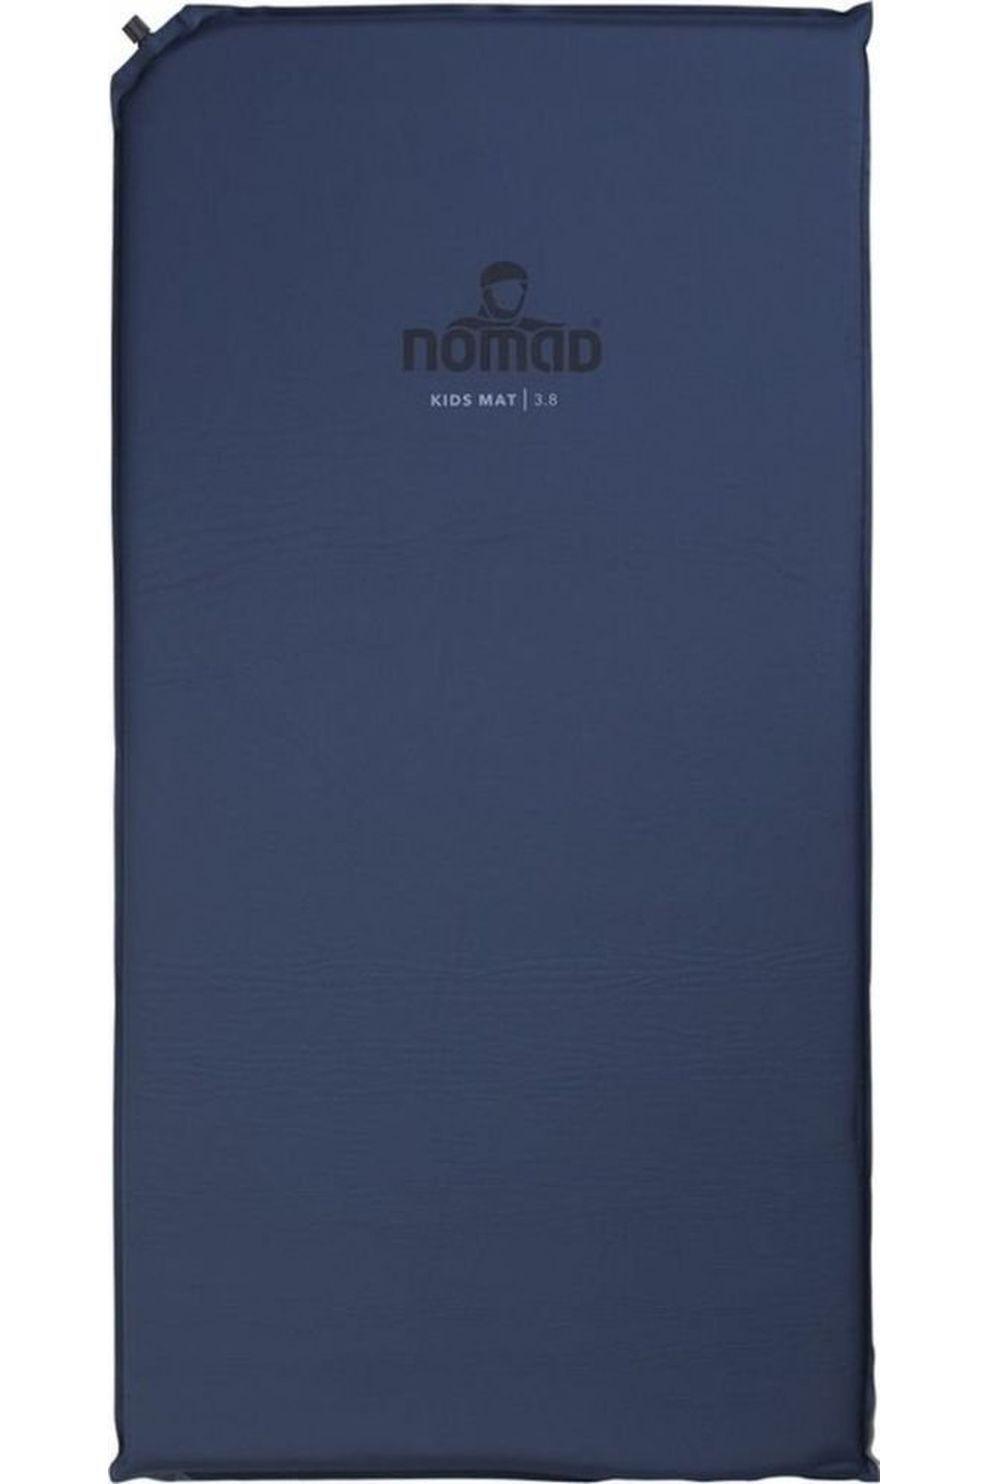 Nomad Slaapmat Kids 3.8 voor kids - Blauw